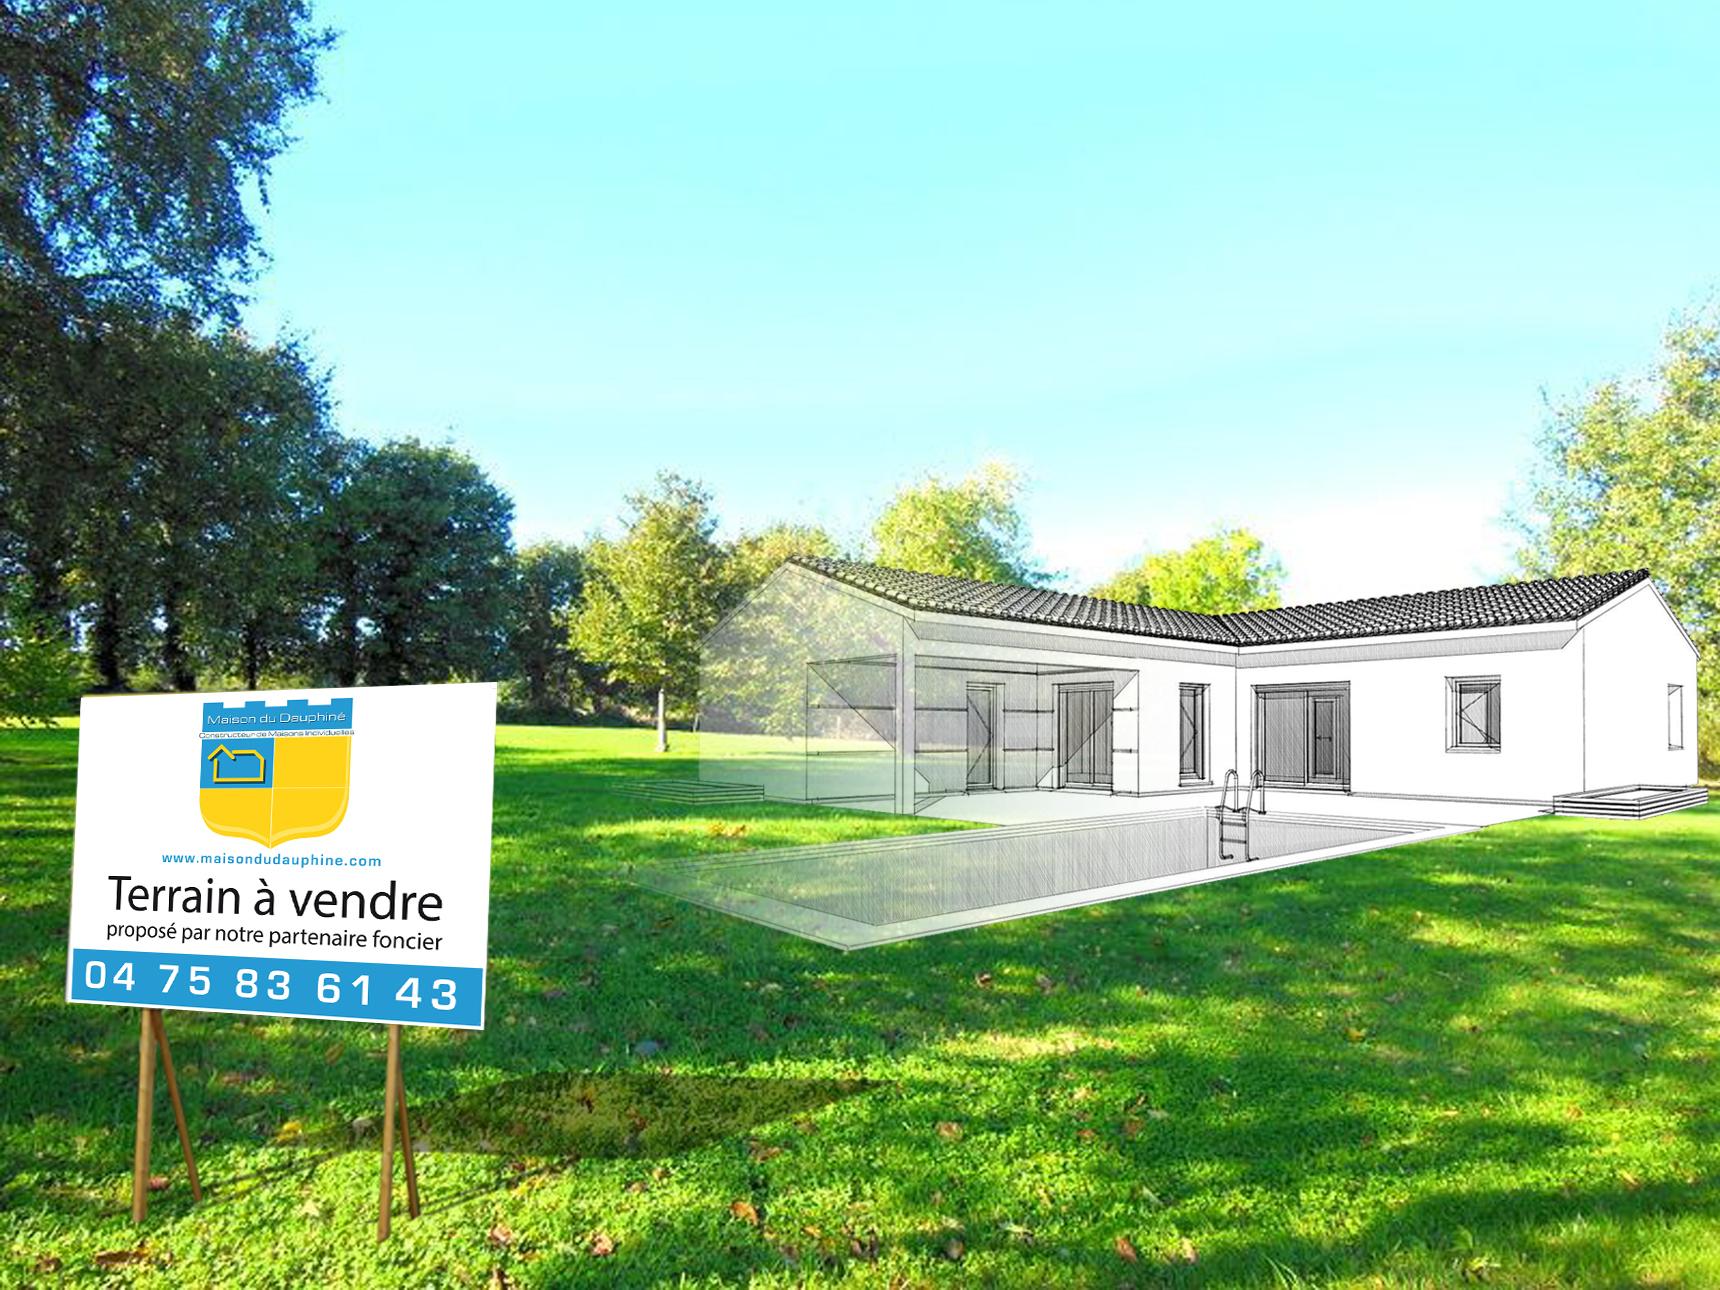 Maisons + Terrains du constructeur MAISON DU DAUPHINE • 84 m² • PONT DE L'ISERE